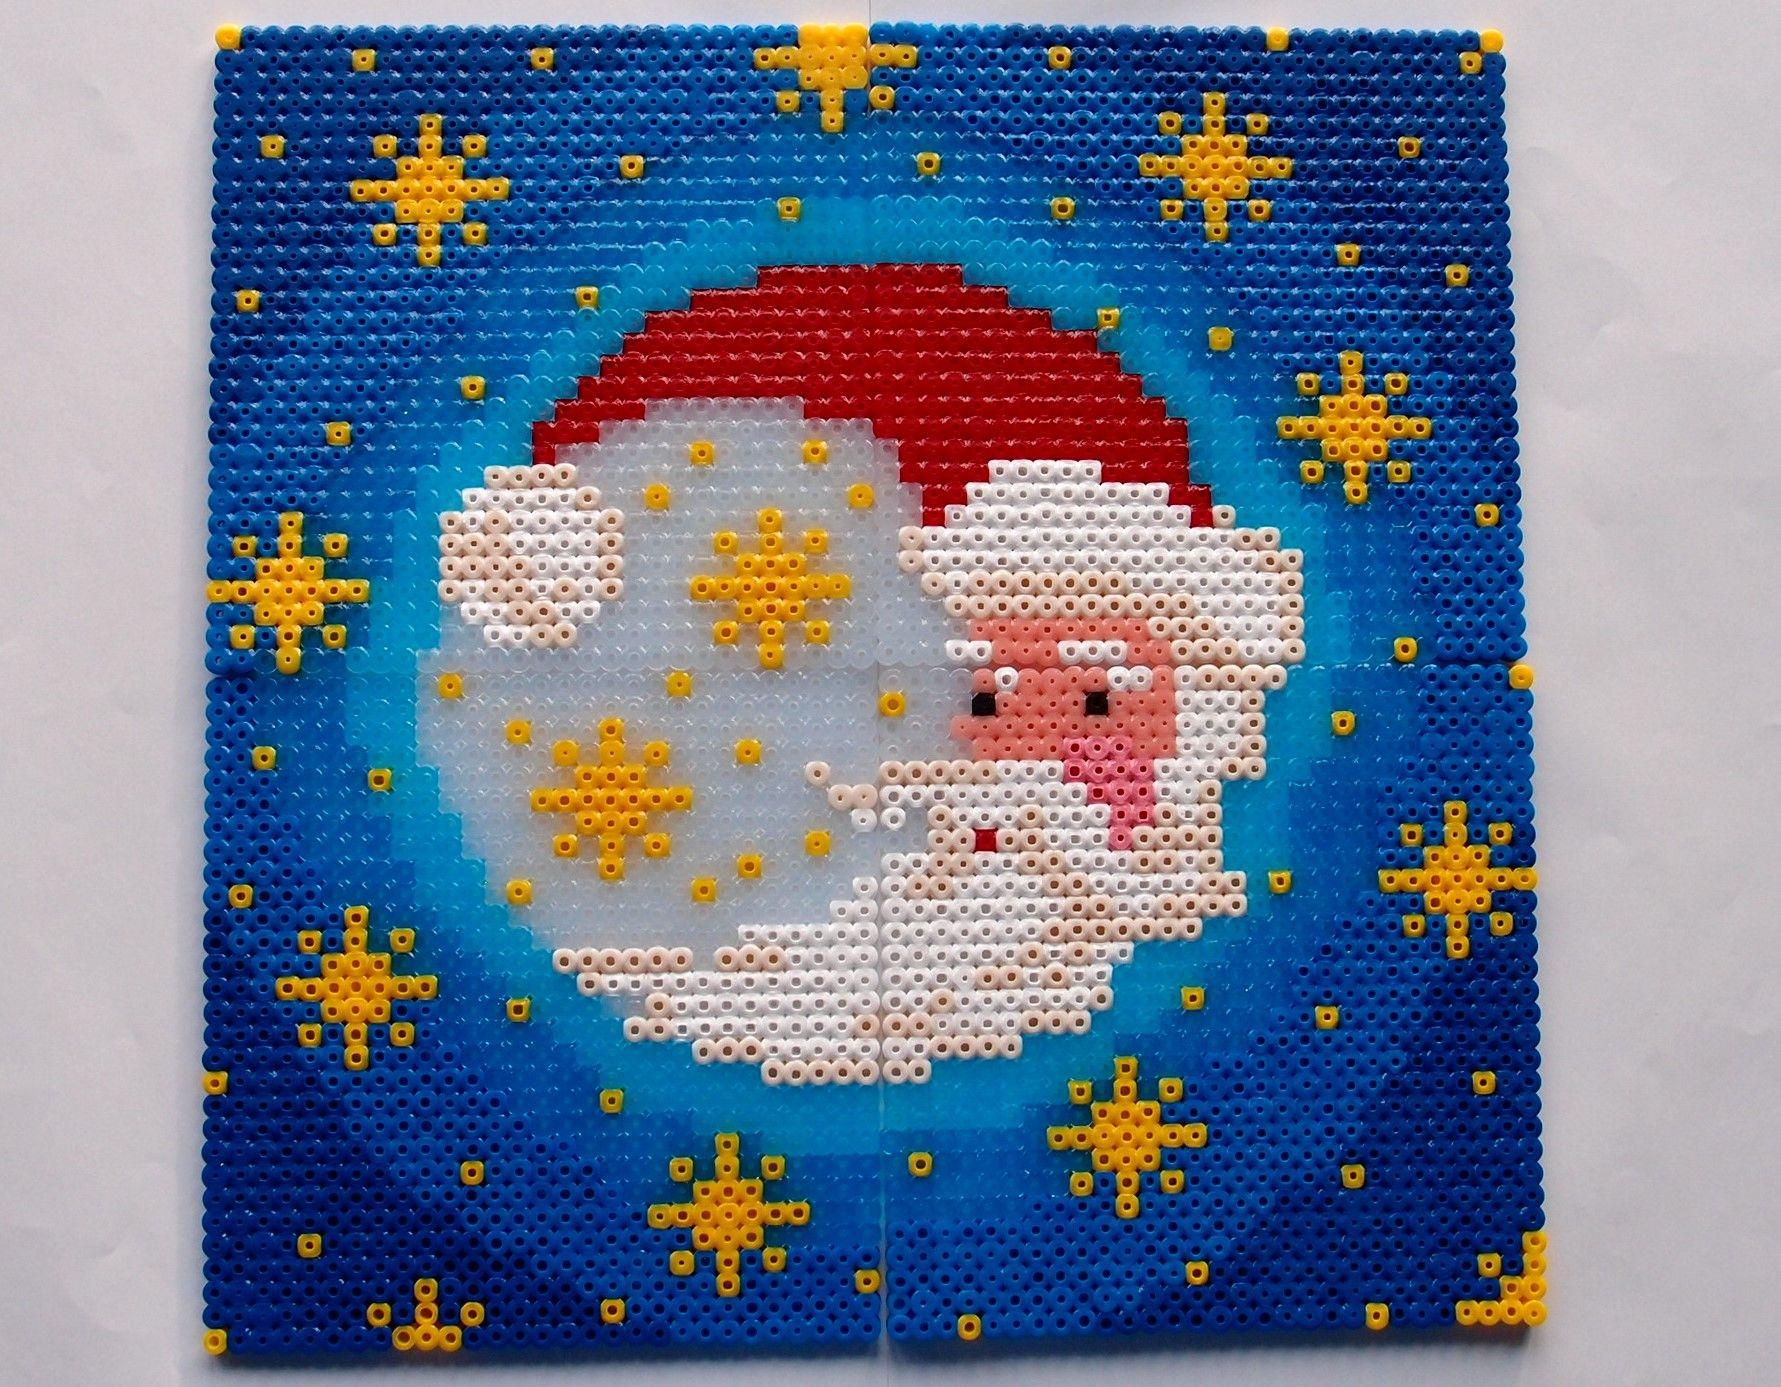 hama perler beads - Julemånen - Christmas moon by: Nina V. Kristensen